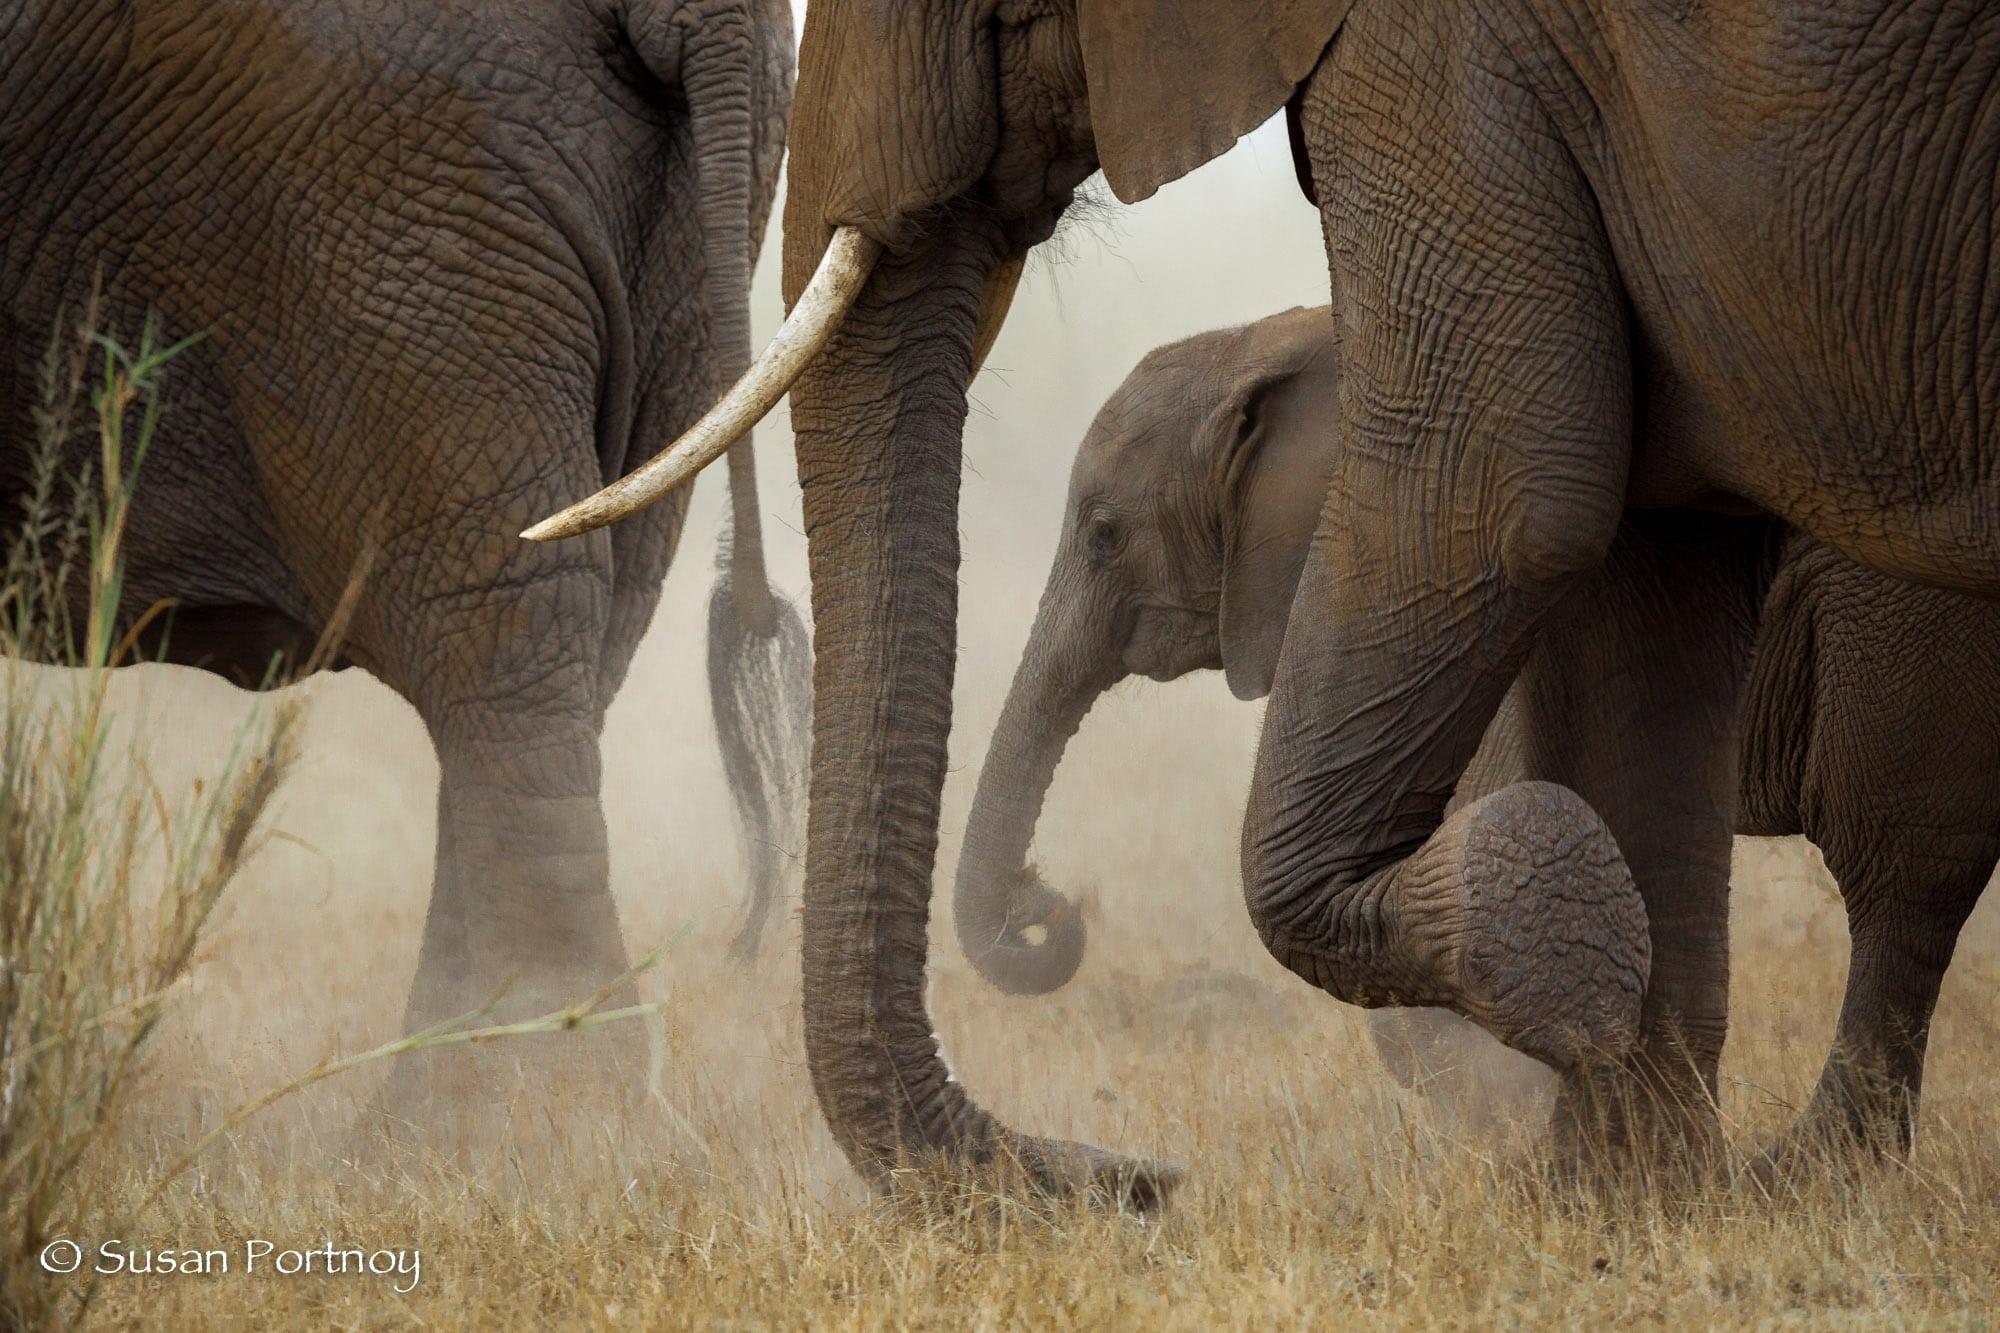 Herd of elephants in Amboseli Kenya